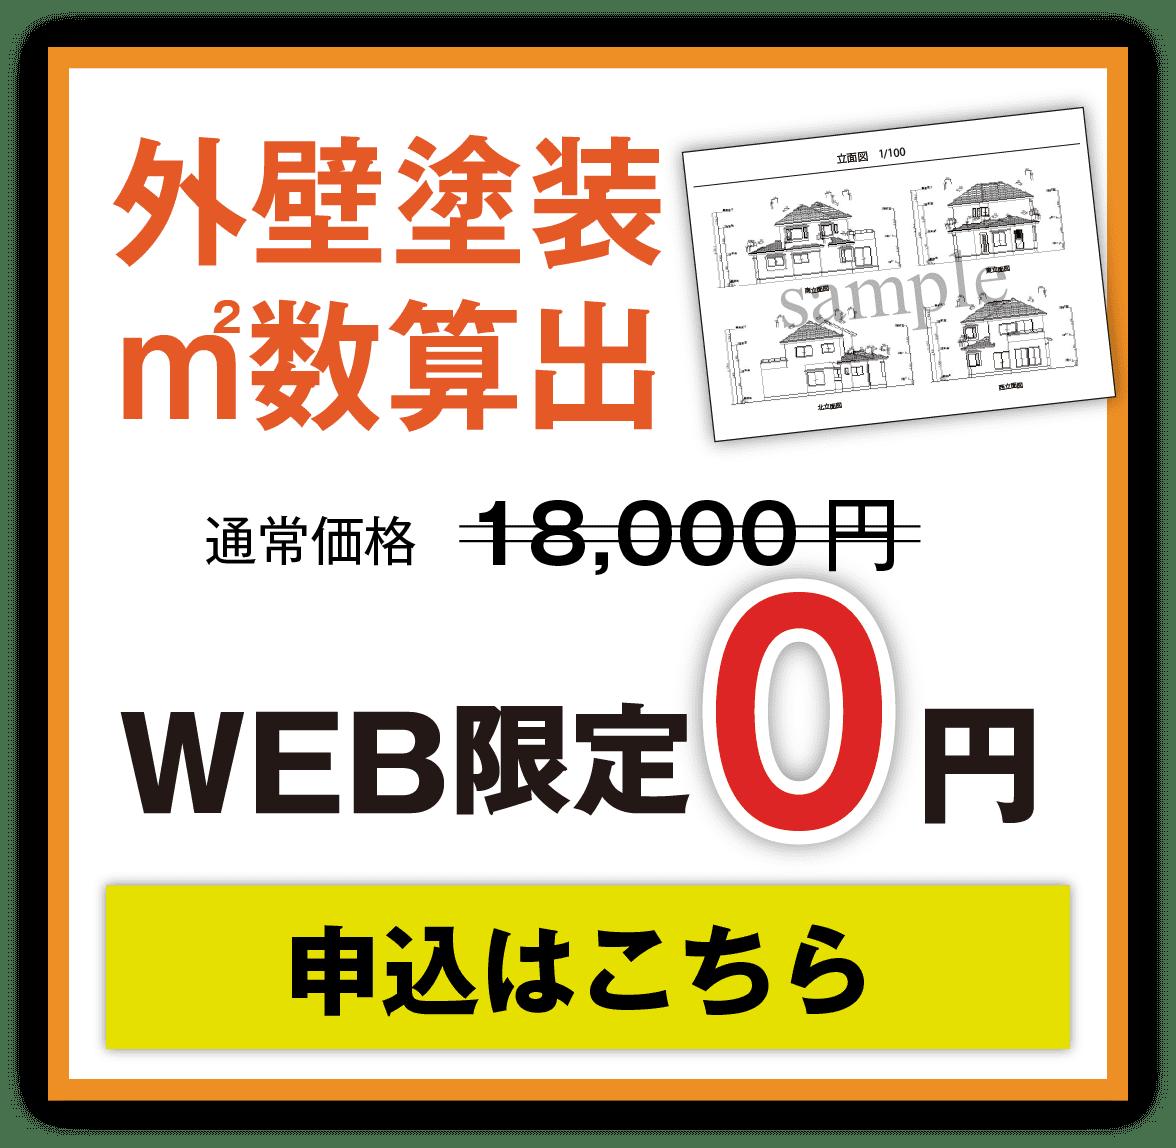 外壁塗装 ㎡数算出 WEB限定0円 申込はこちら